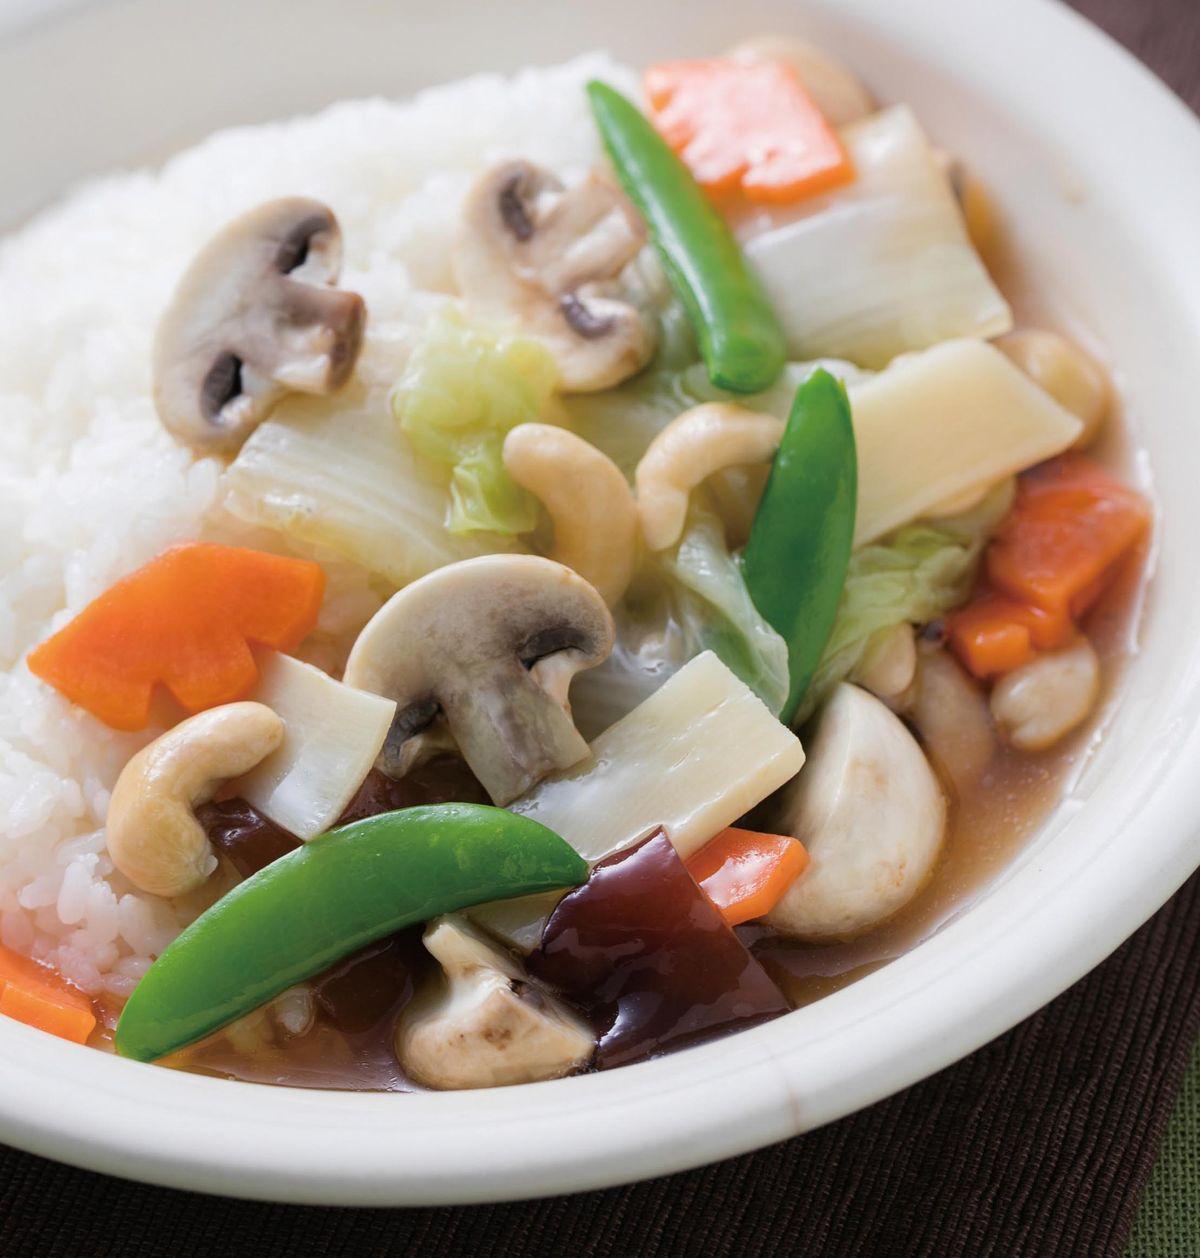 食譜:洋菇腰果燴飯